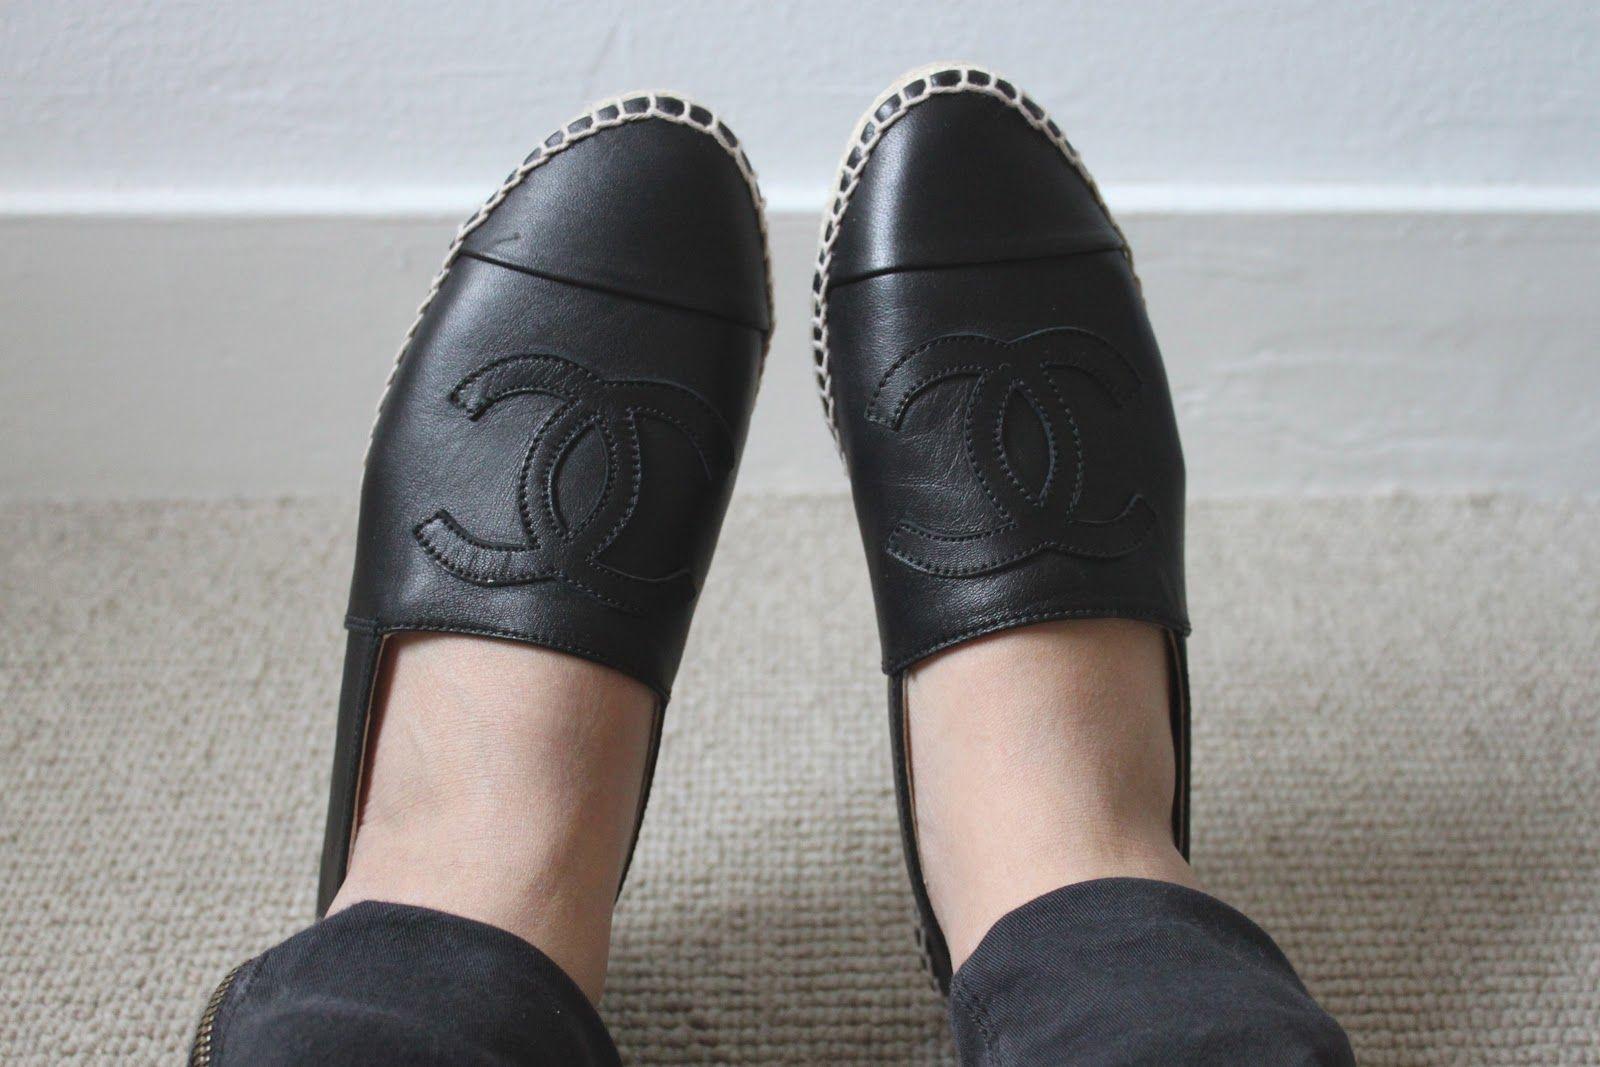 Chanel shoes online shop